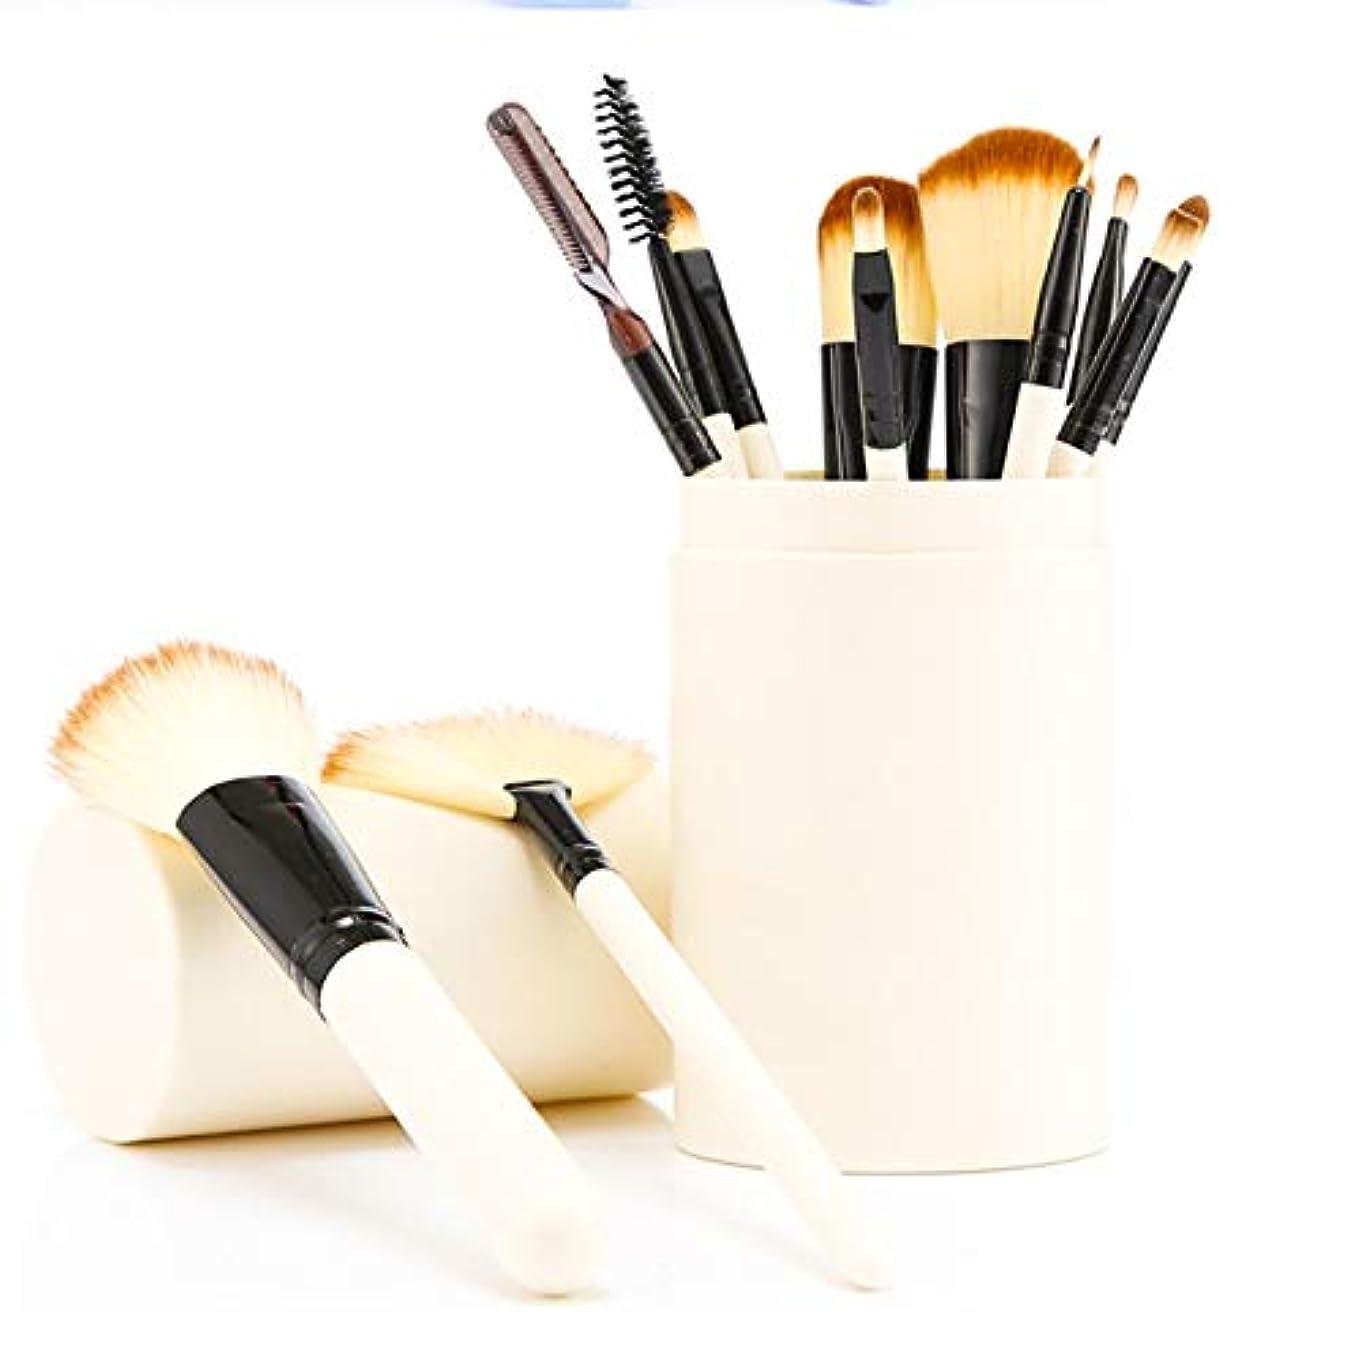 カストディアン恩恵系譜ソフトで残酷のない合成繊維剛毛とローズゴールドのディテールが施された化粧ブラシセット12本のプロフェッショナルな化粧ブラシ - エレガントなPUレザーポーチが含まれています (Color : Natural)